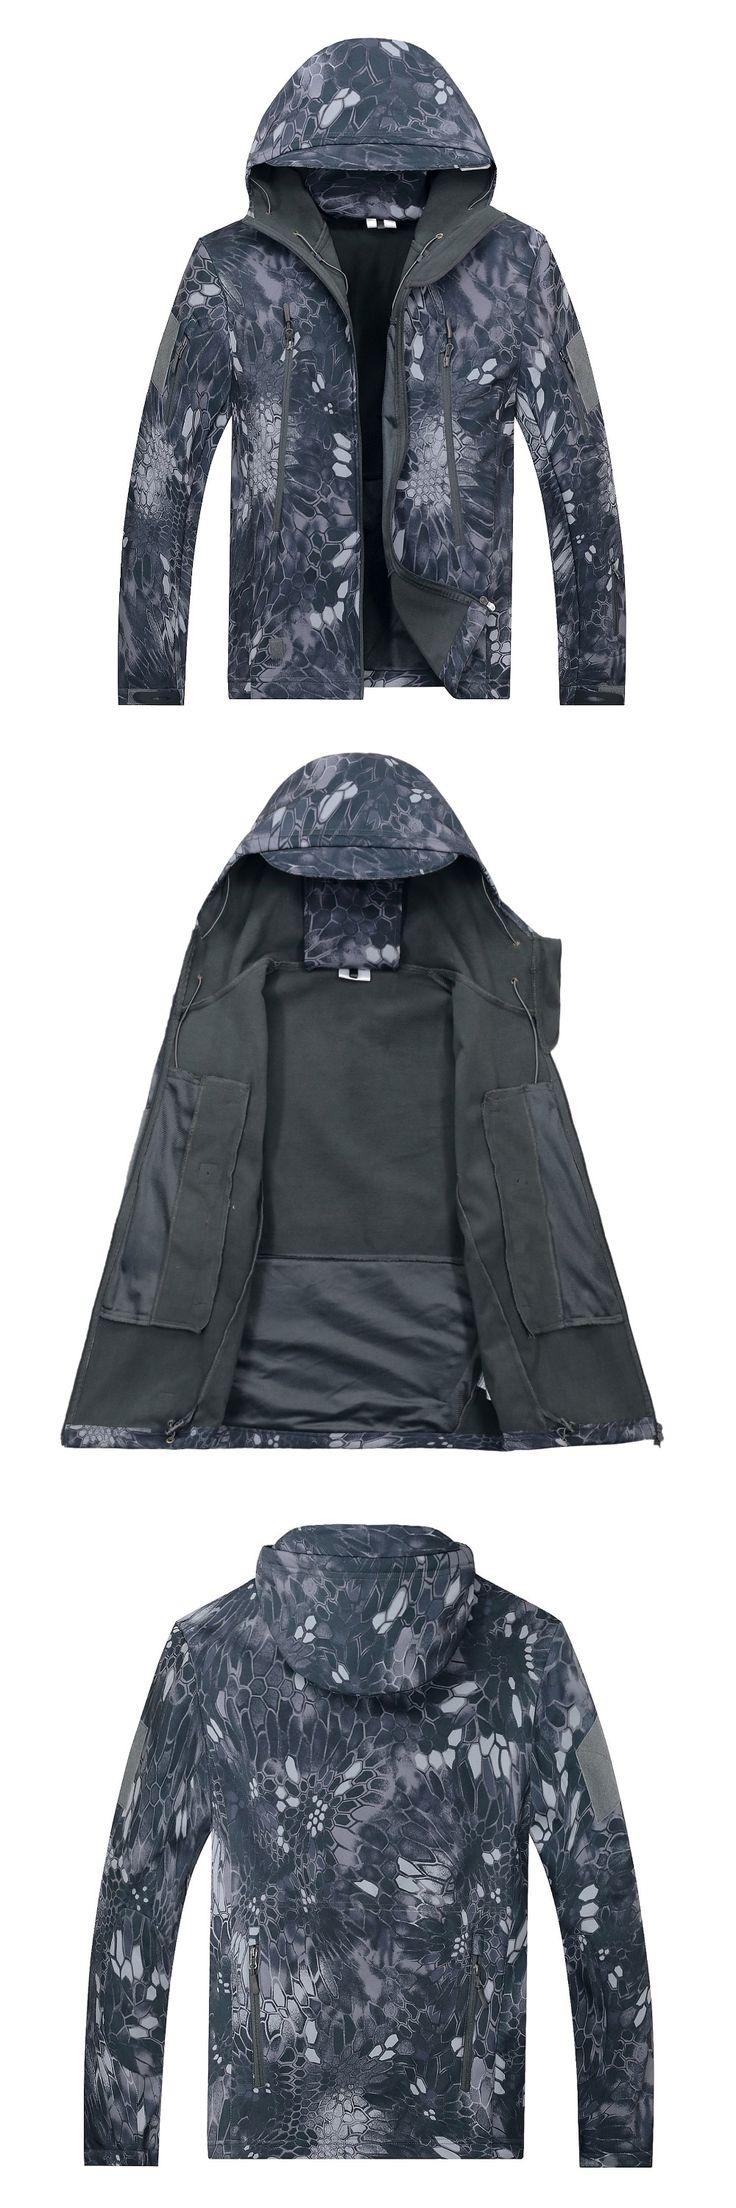 Kryptek combat Softshell Jacket TAD Typhon Softshell hoody Thermal jacket TAD jacket Kryptek softshell jacket